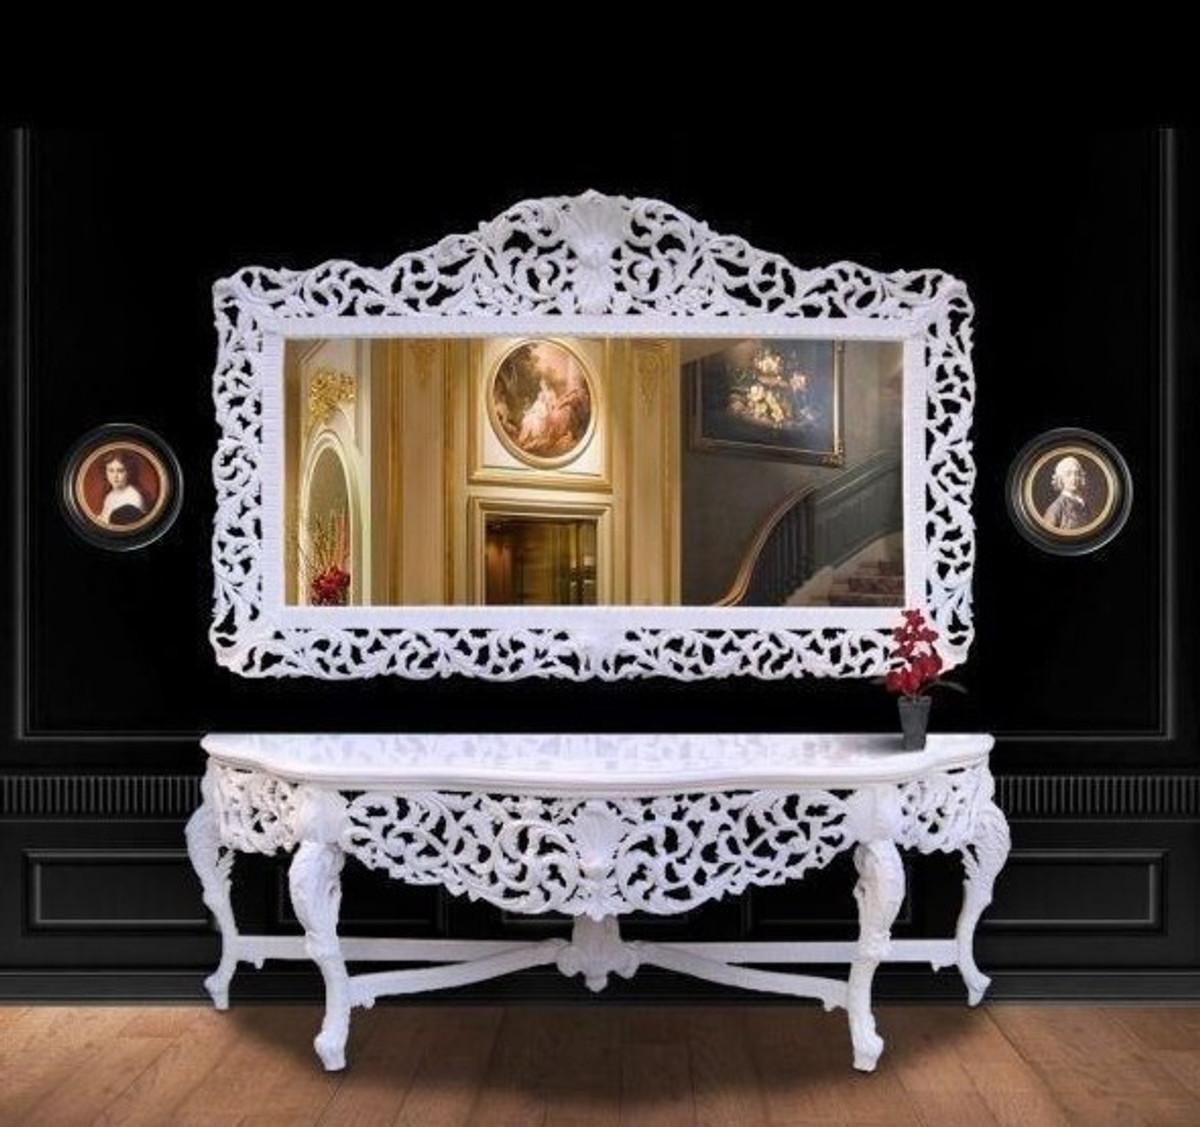 riesige casa padrino barock spiegelkonsole wei mit wei er marmorplatte luxus wohnzimmer m bel. Black Bedroom Furniture Sets. Home Design Ideas